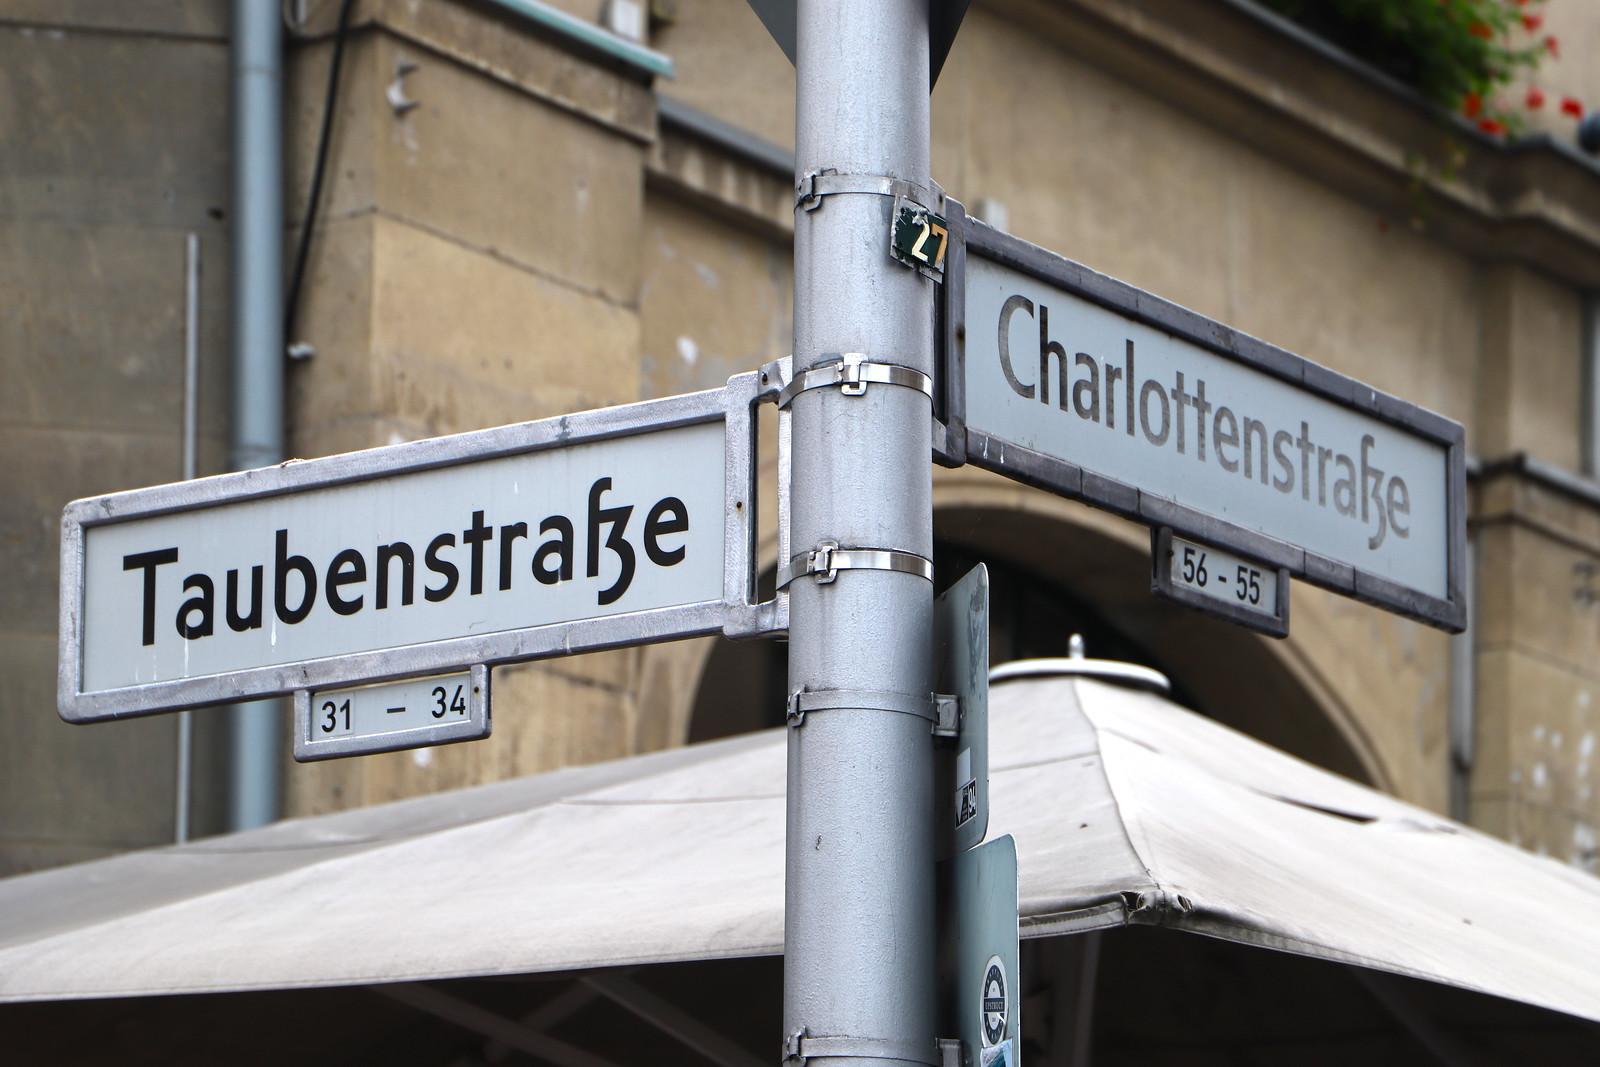 Ecke Charlottenstraße & Taubenstraße